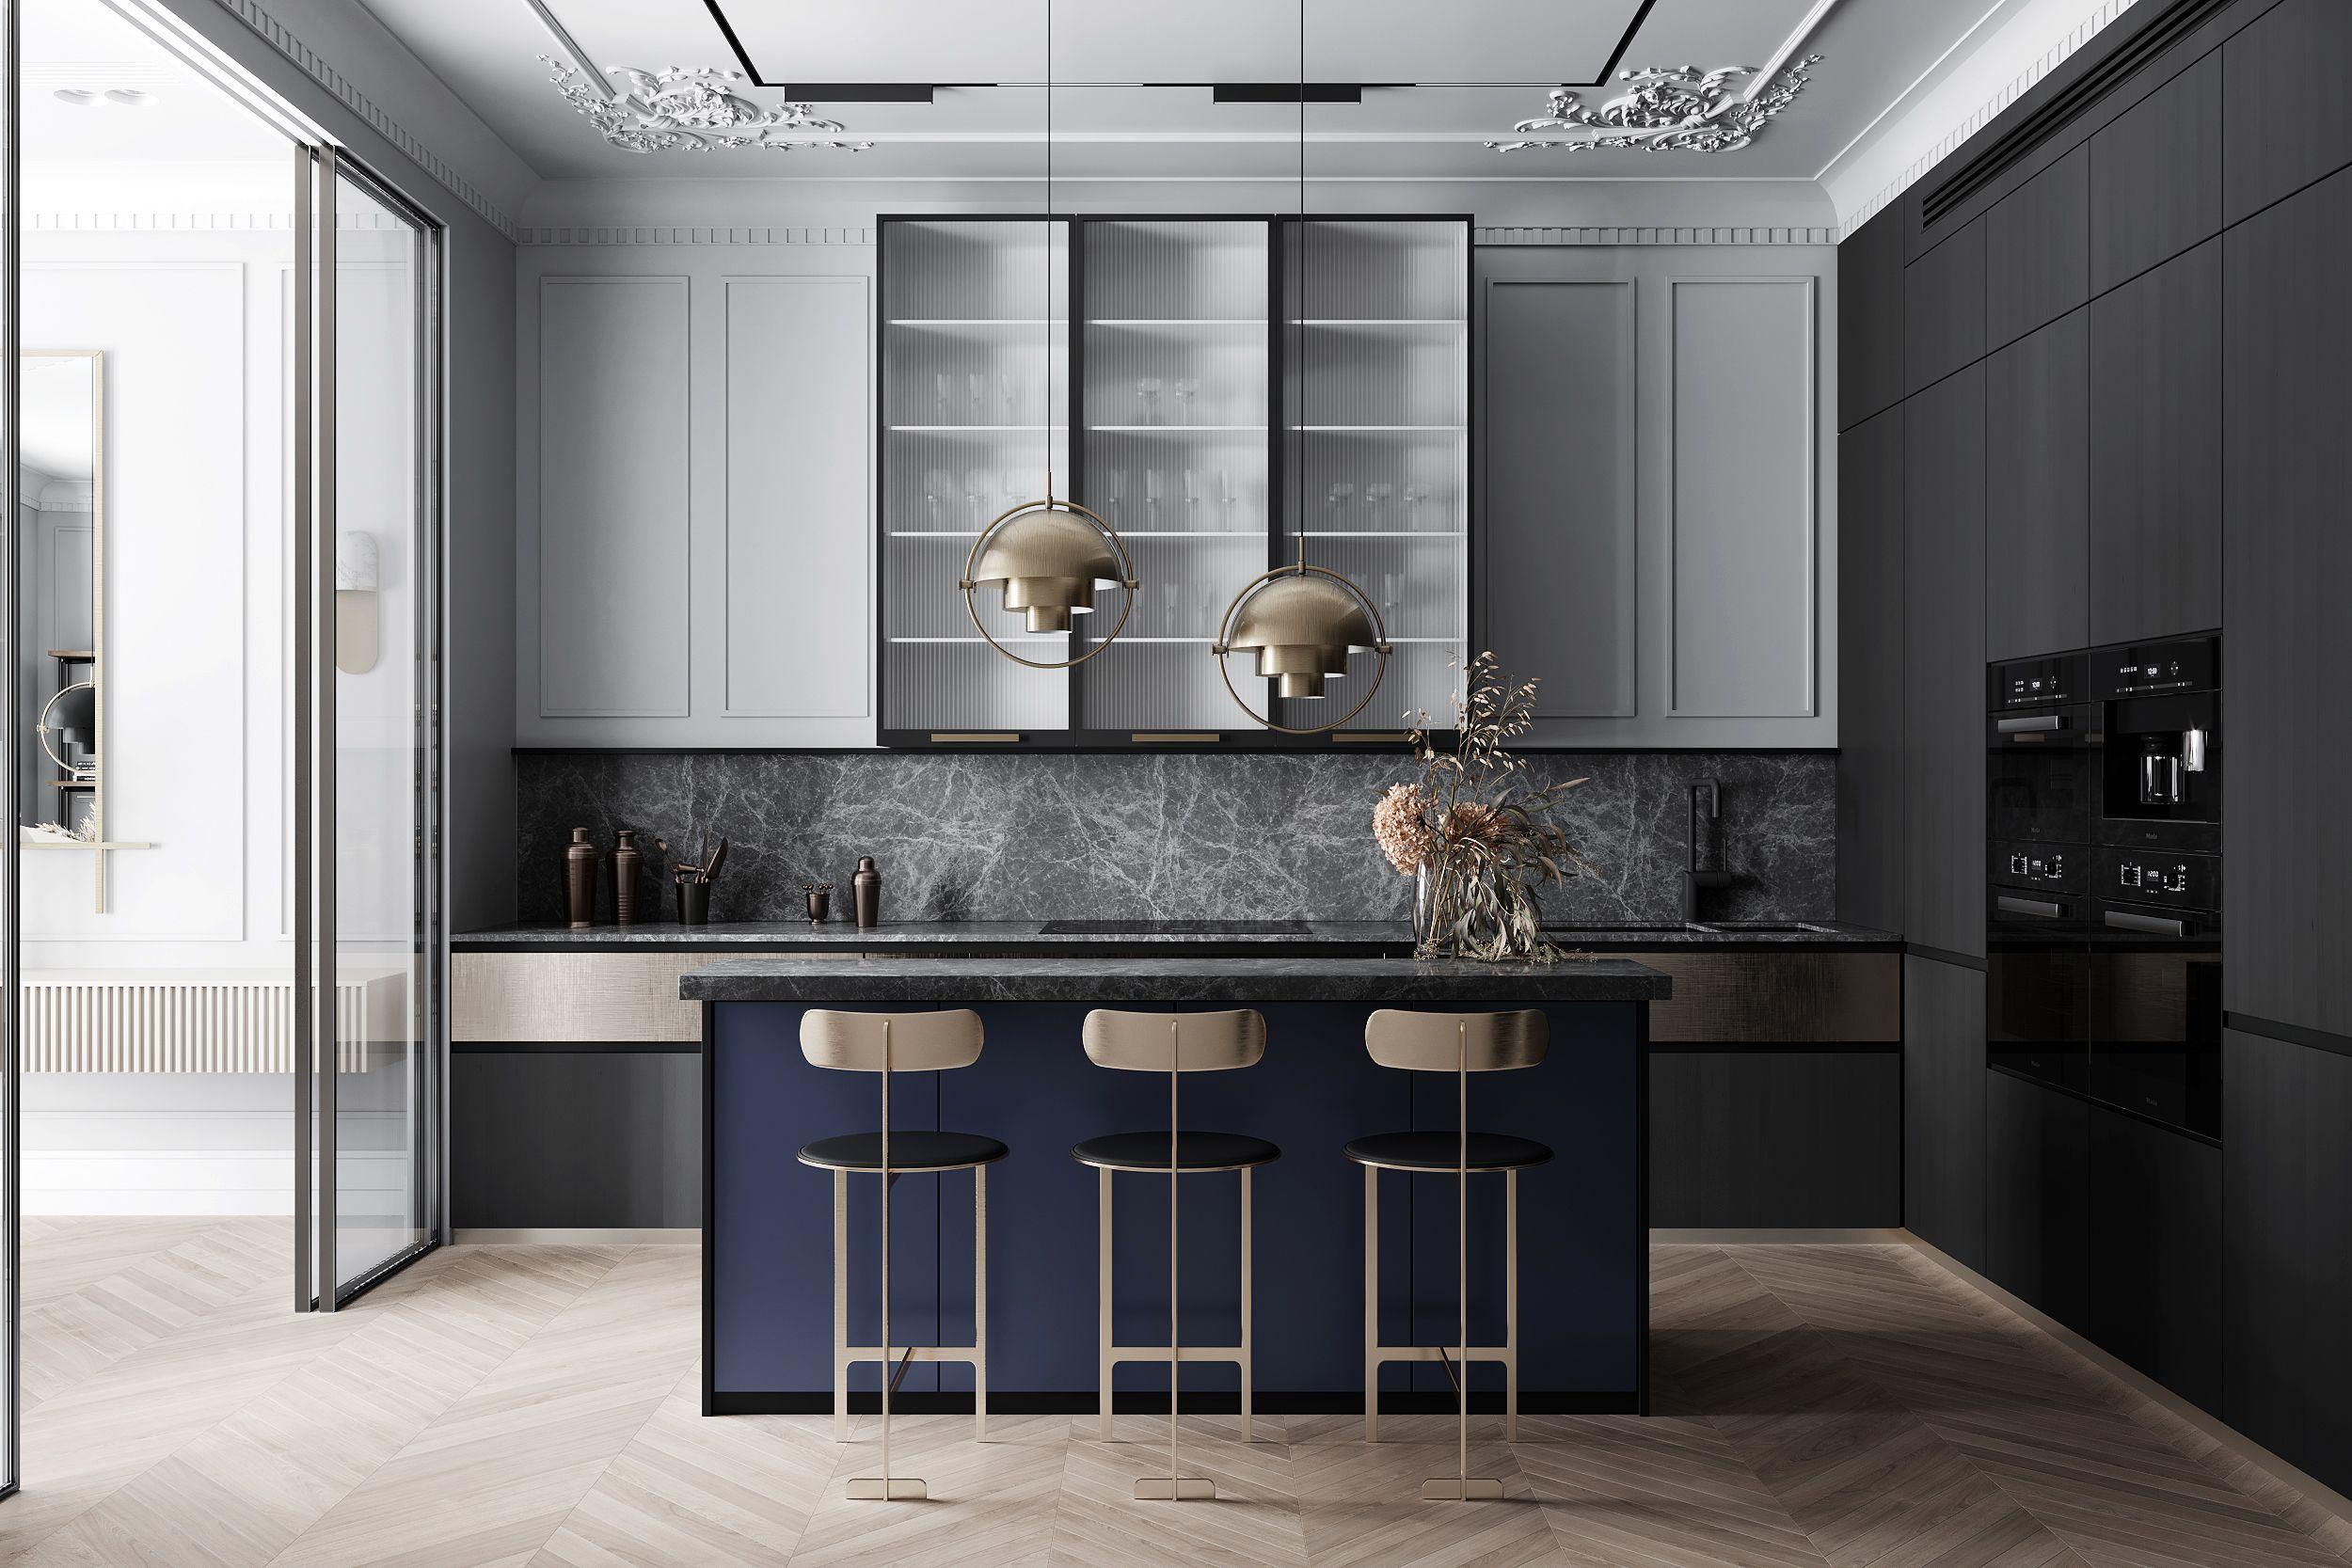 Behance For You Diseno De Interiores De Cocina Diseno De Interiores Diseno De Interiores Moderno